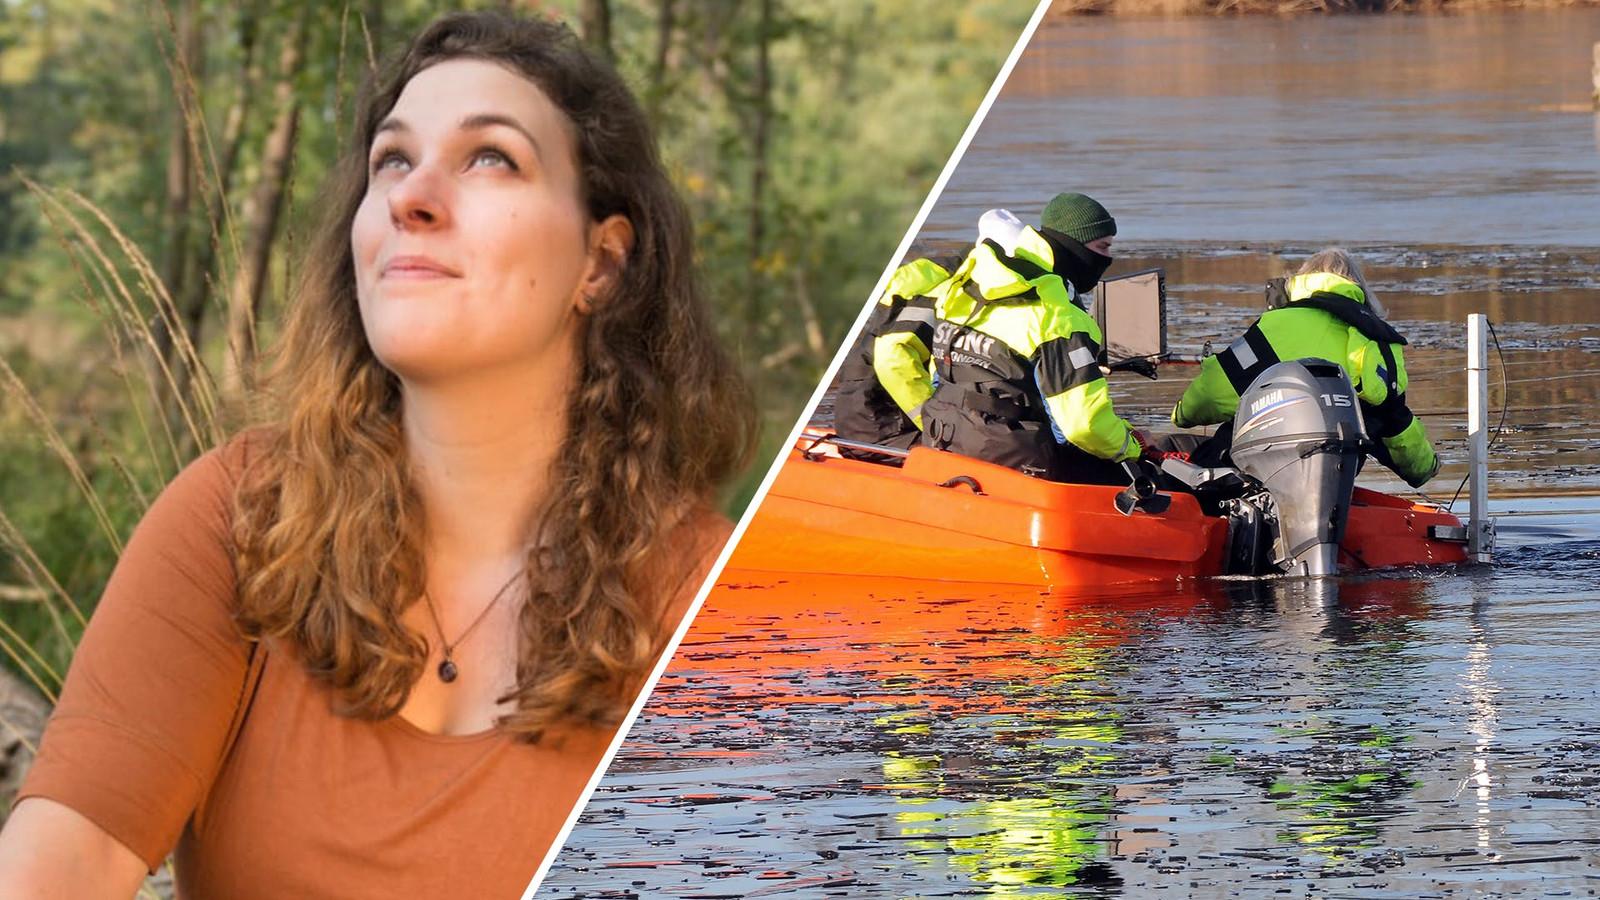 Het is één van de meest geruchtmakende zaken in Zeeland van de afgelopen jaren. De moord op de 29-jarige Ichelle van de Velde. Wekenlang was ze vermist en uiteindelijk werd ze begin februari dood aangetroffen in het uitwateringskanaal van Sluis naar Cadzand. Hoofdverdachte is een 45-jarige vrouw uit Aardenburg.